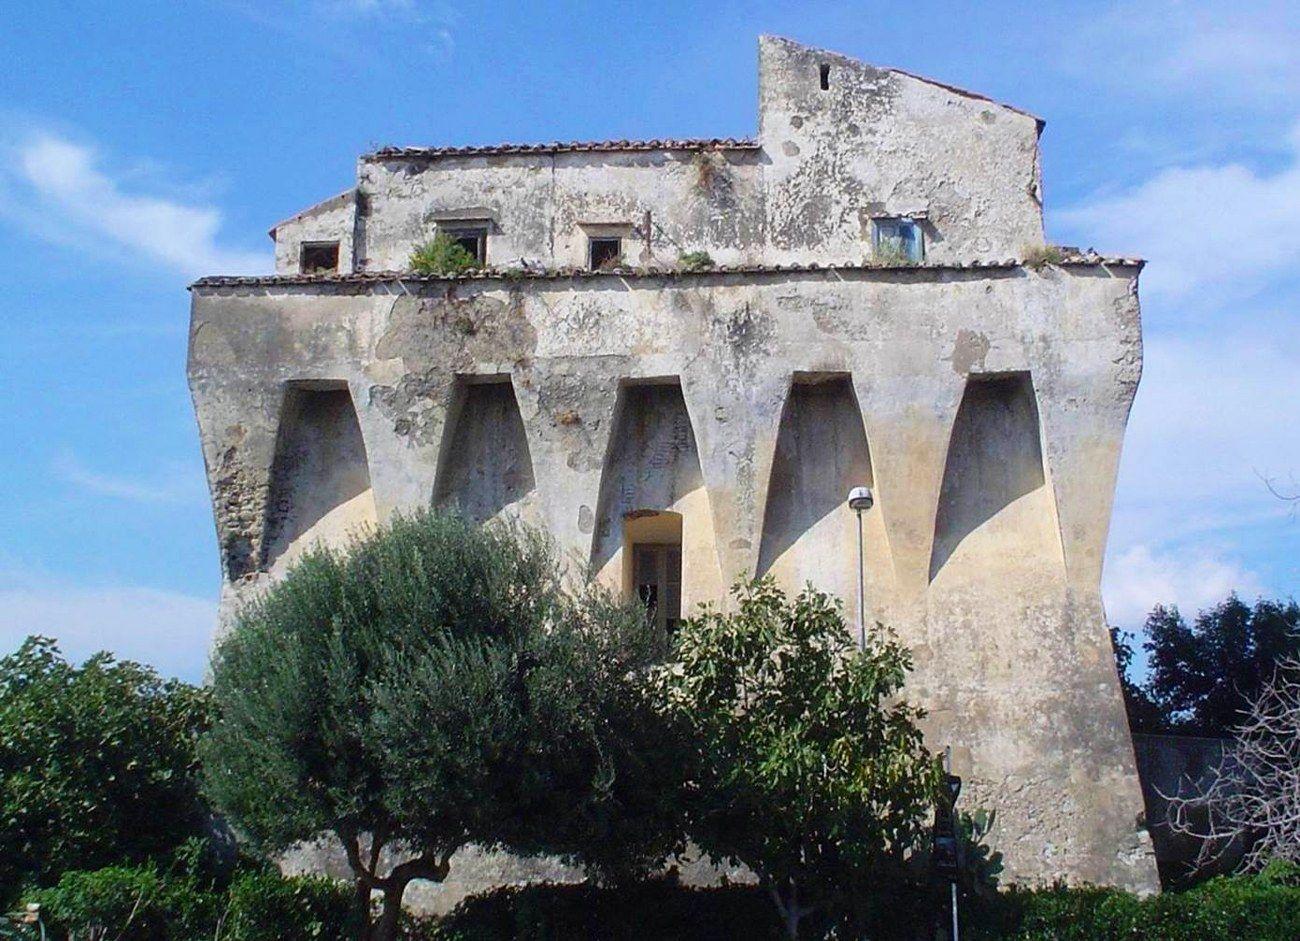 Restaurant scolaire - Saint-Philbert de Bouaine (85) - Archi Urba ...